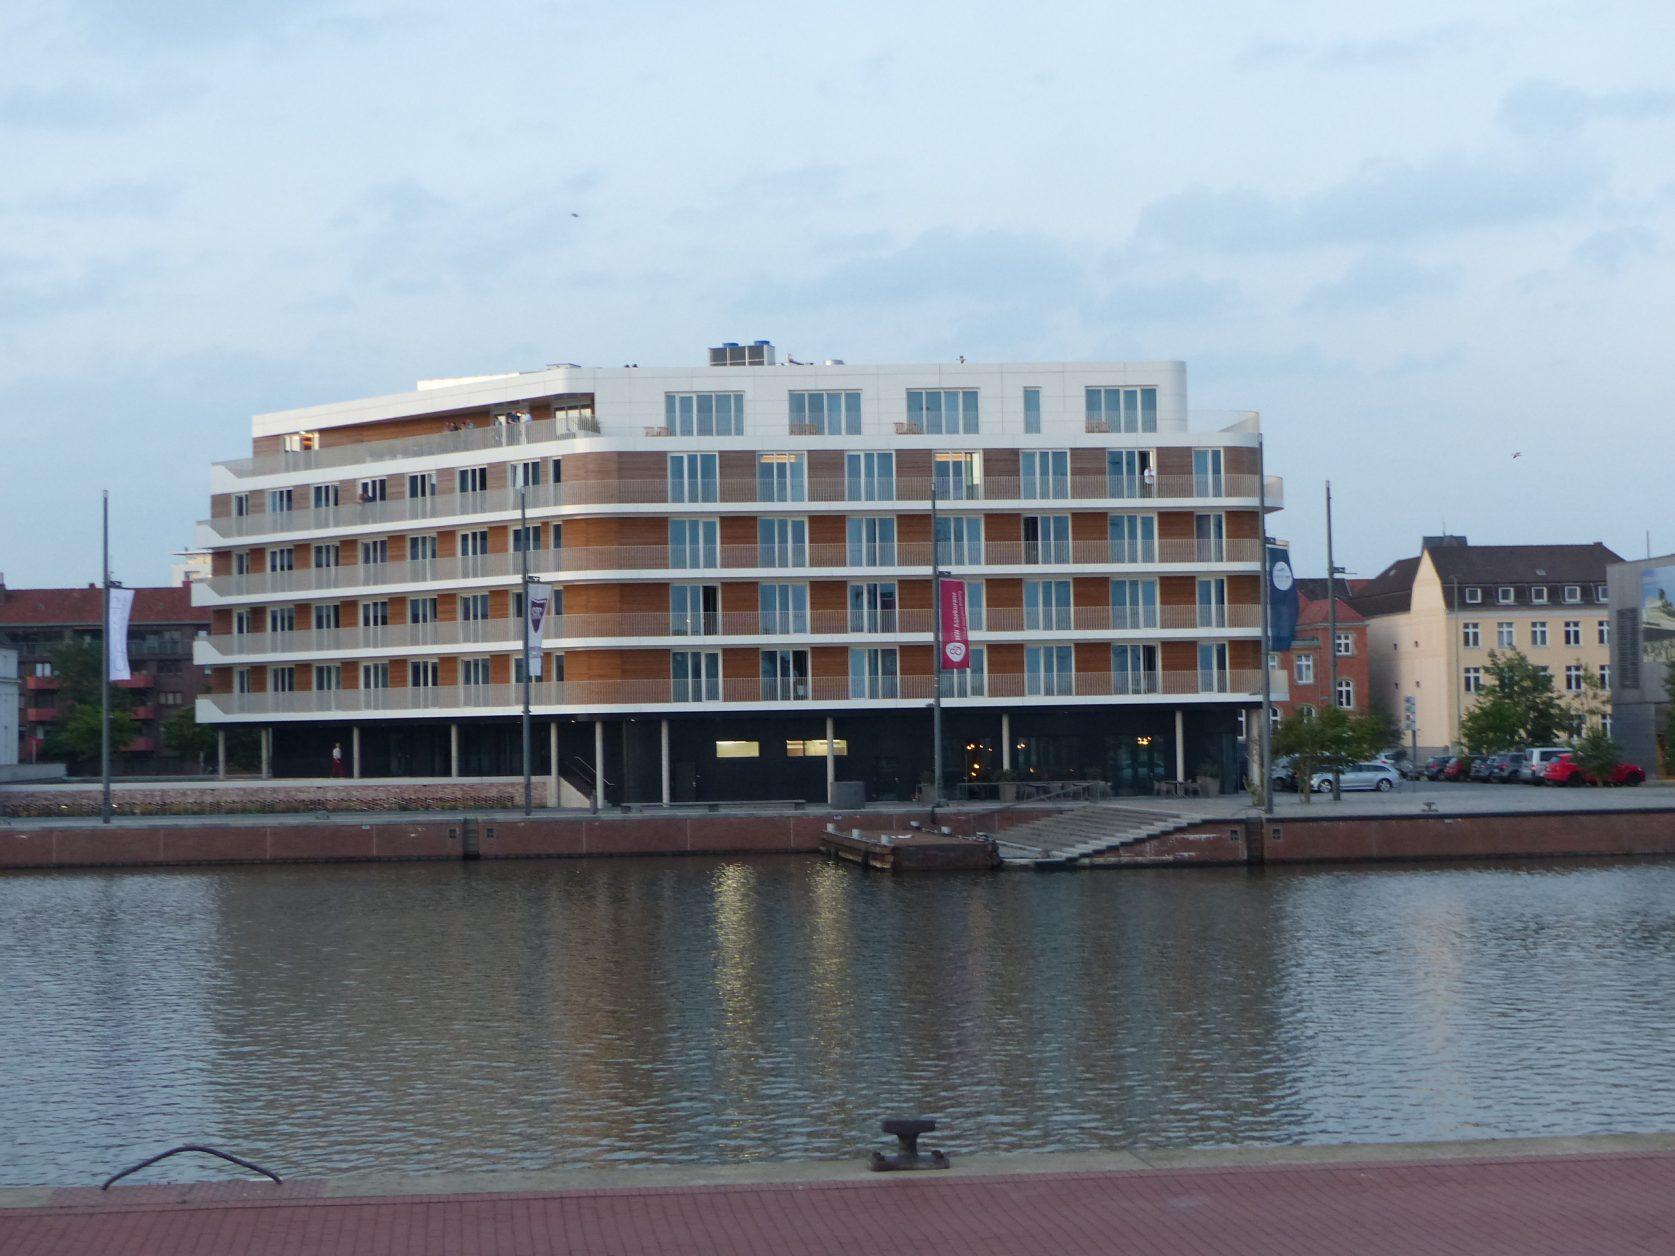 Das the liberty von der anderen Hafenseite aus gesehen. Foto: D.Weirauch